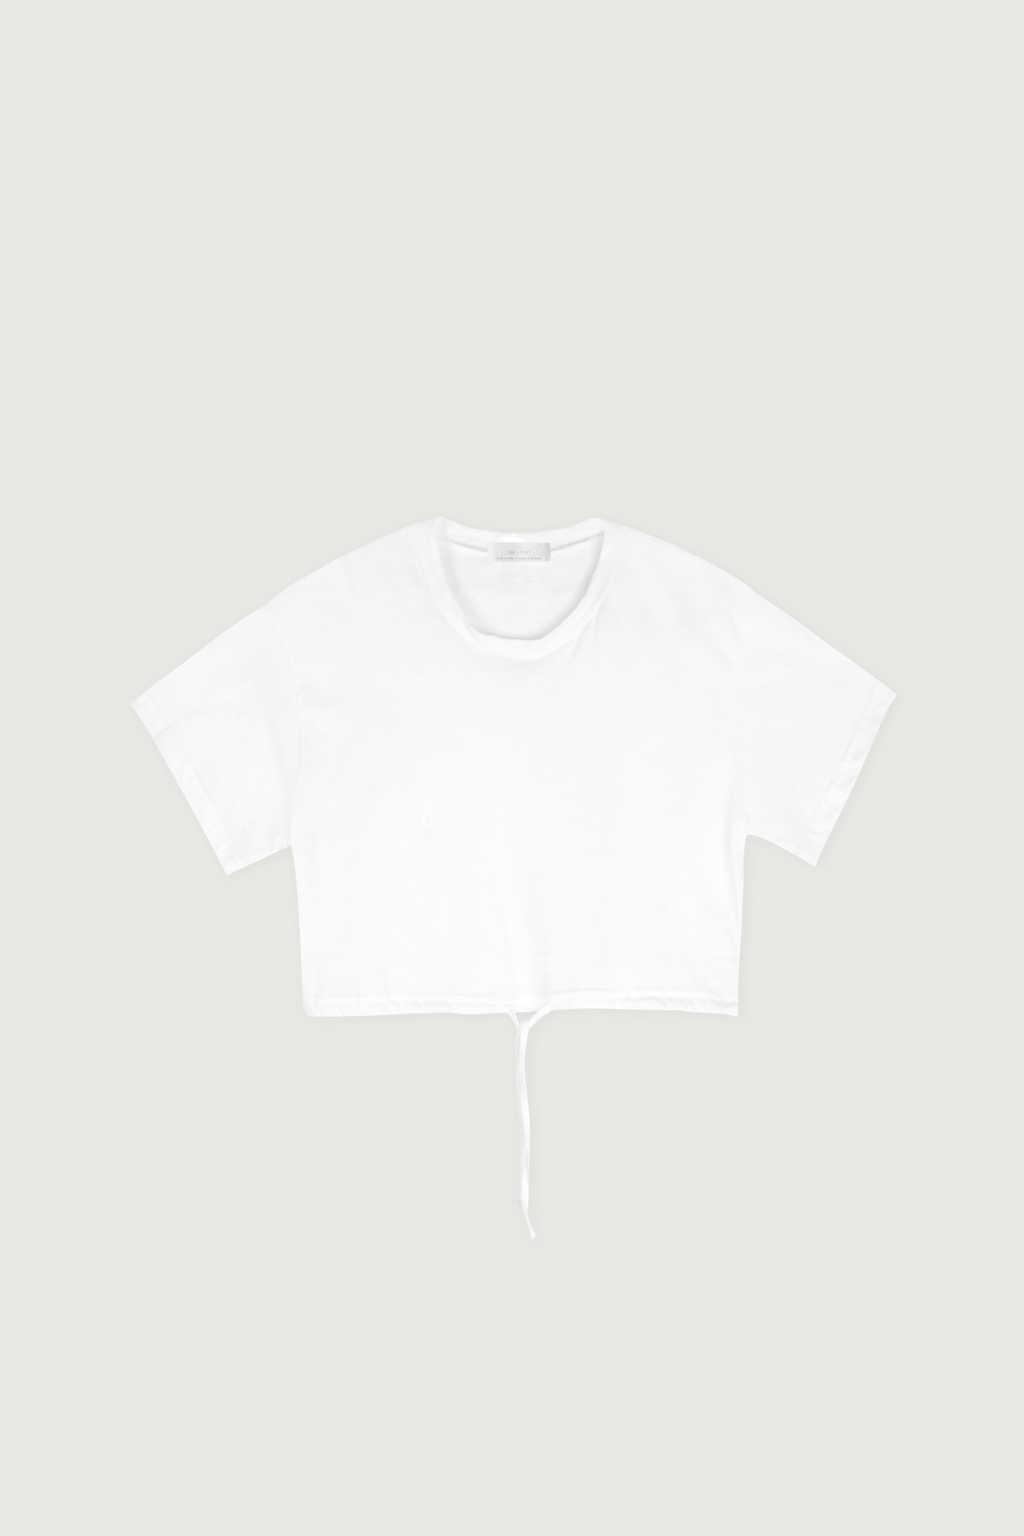 TShirt K163 White 6